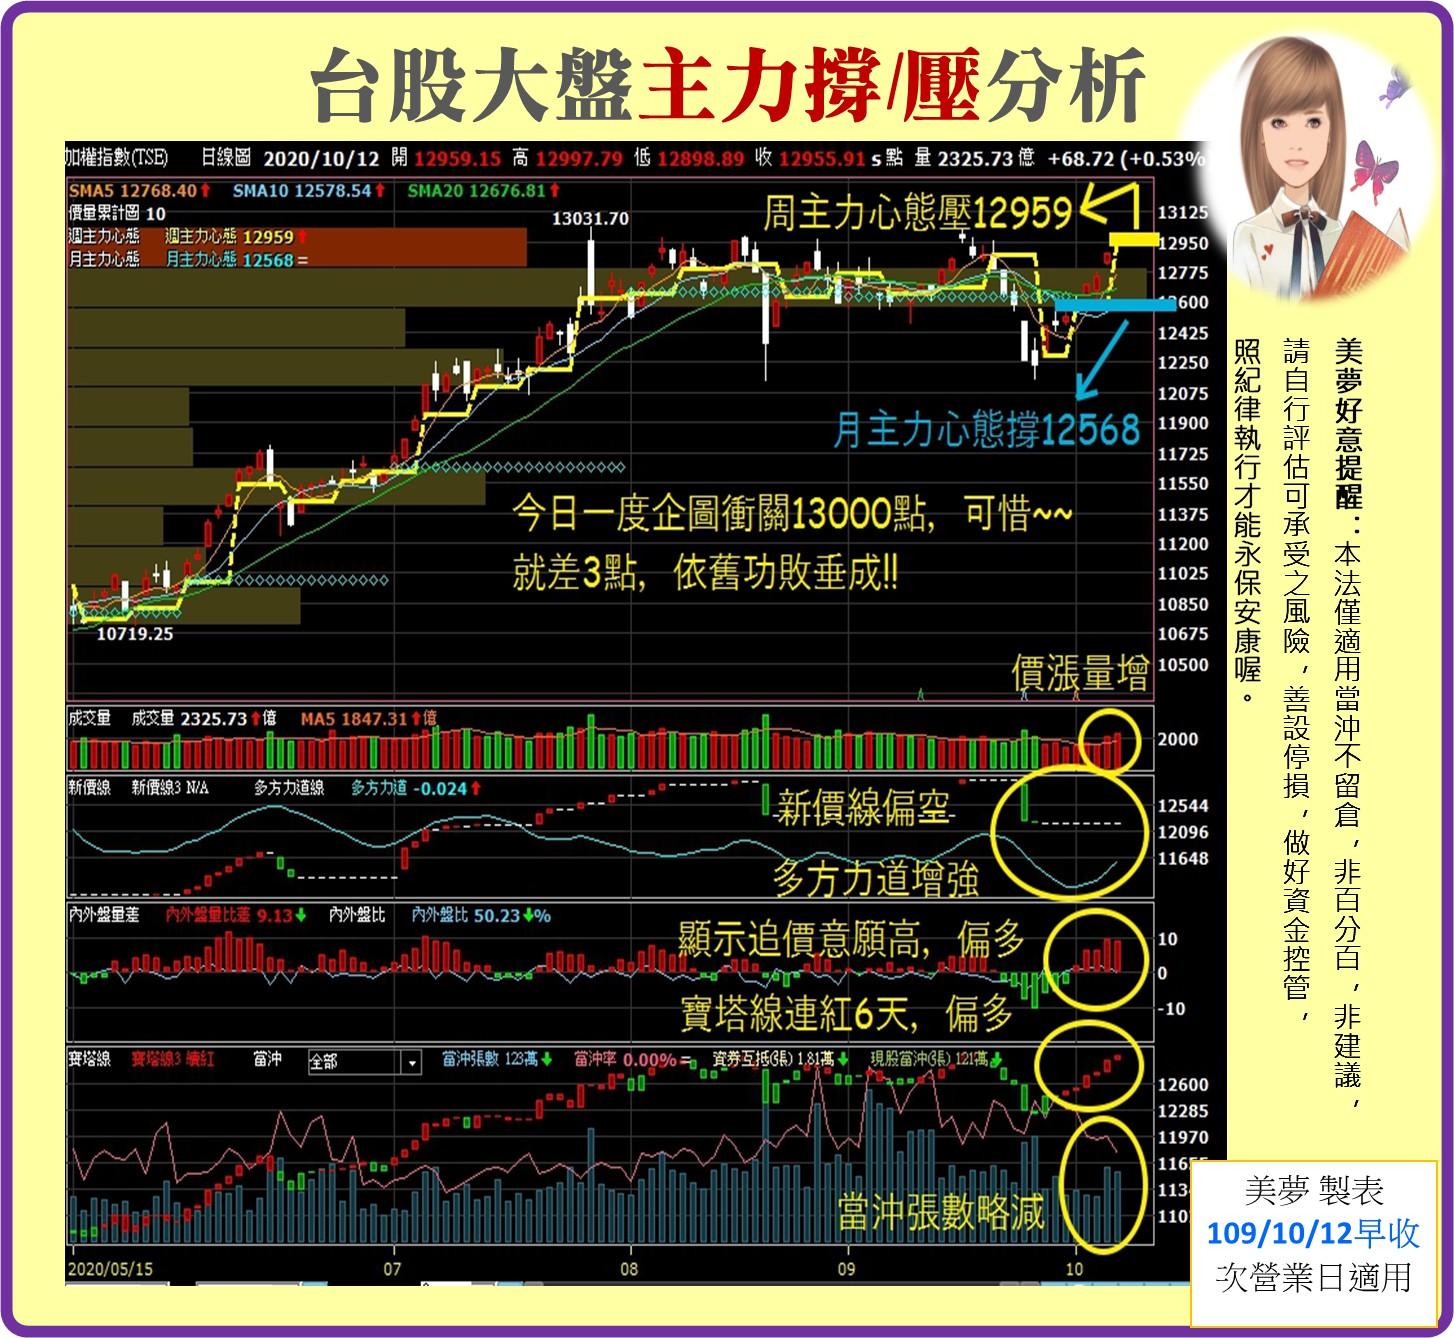 1091012美夢冠軍-股市_03